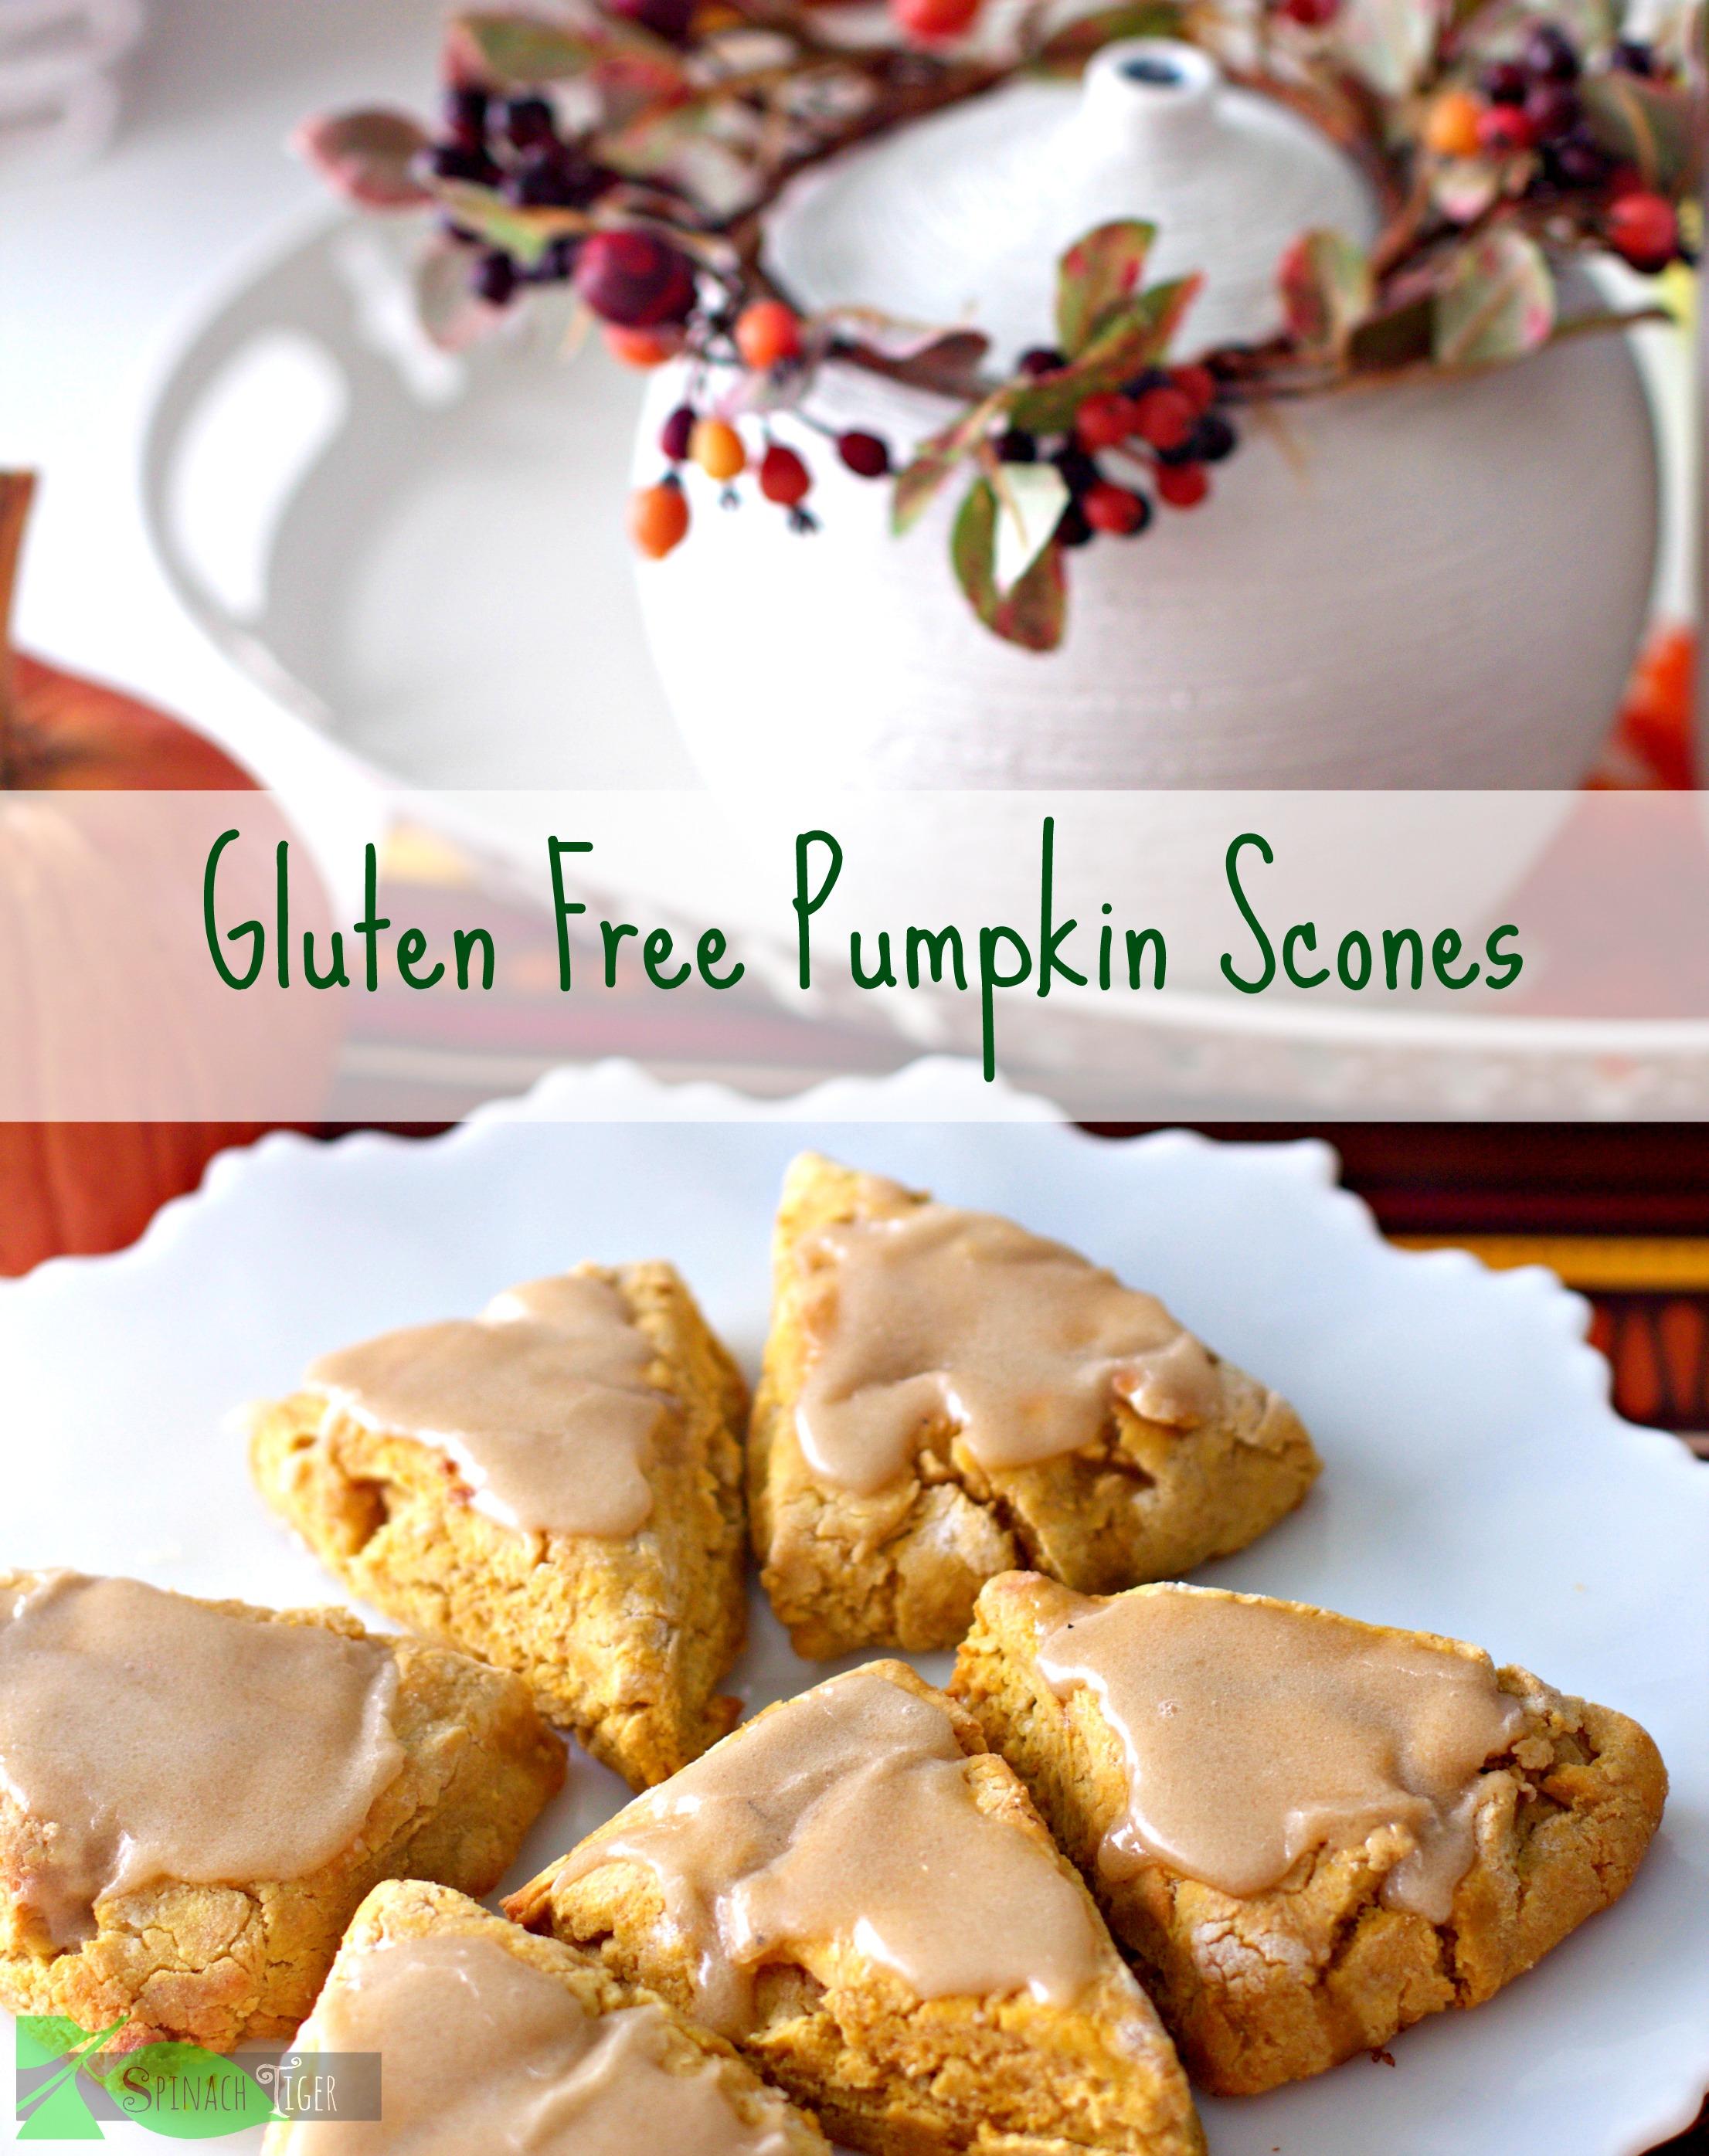 Best Pumpkin Dessert Recipes, Gluten Free Pumpkin Scones from Spinach Tiger